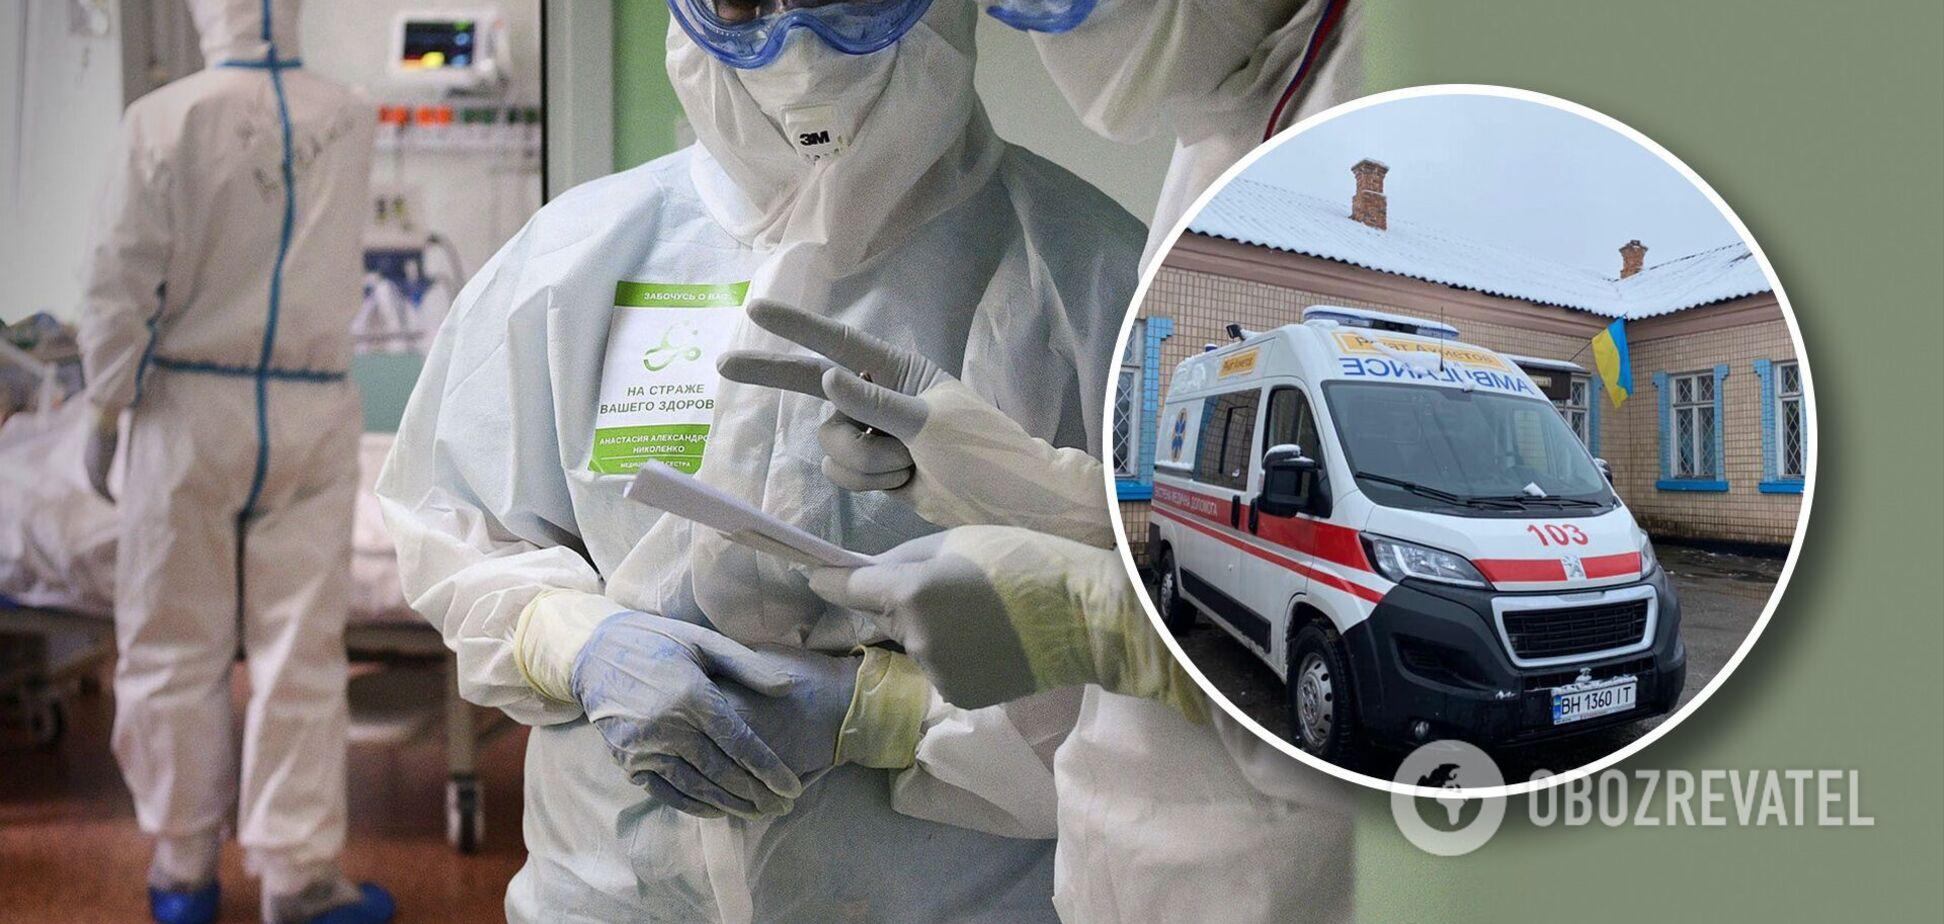 Ситуация с эпидемией коронавируса на Харьковщине ухудшается